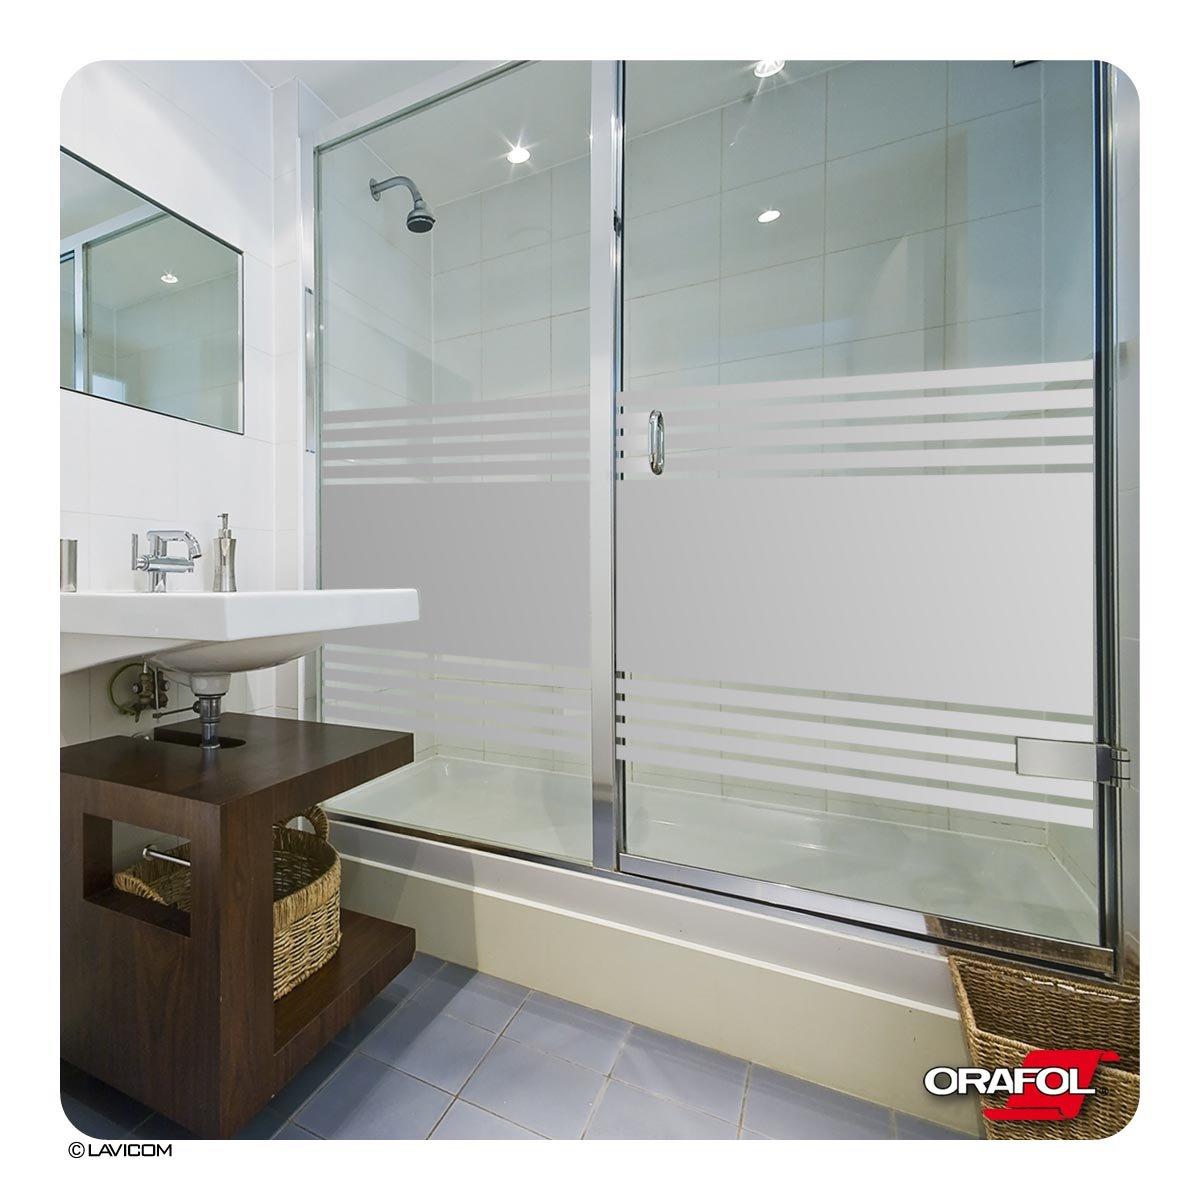 Folie für Duschkabine Bad Fensterfolie Dusche Glasdekorfolie